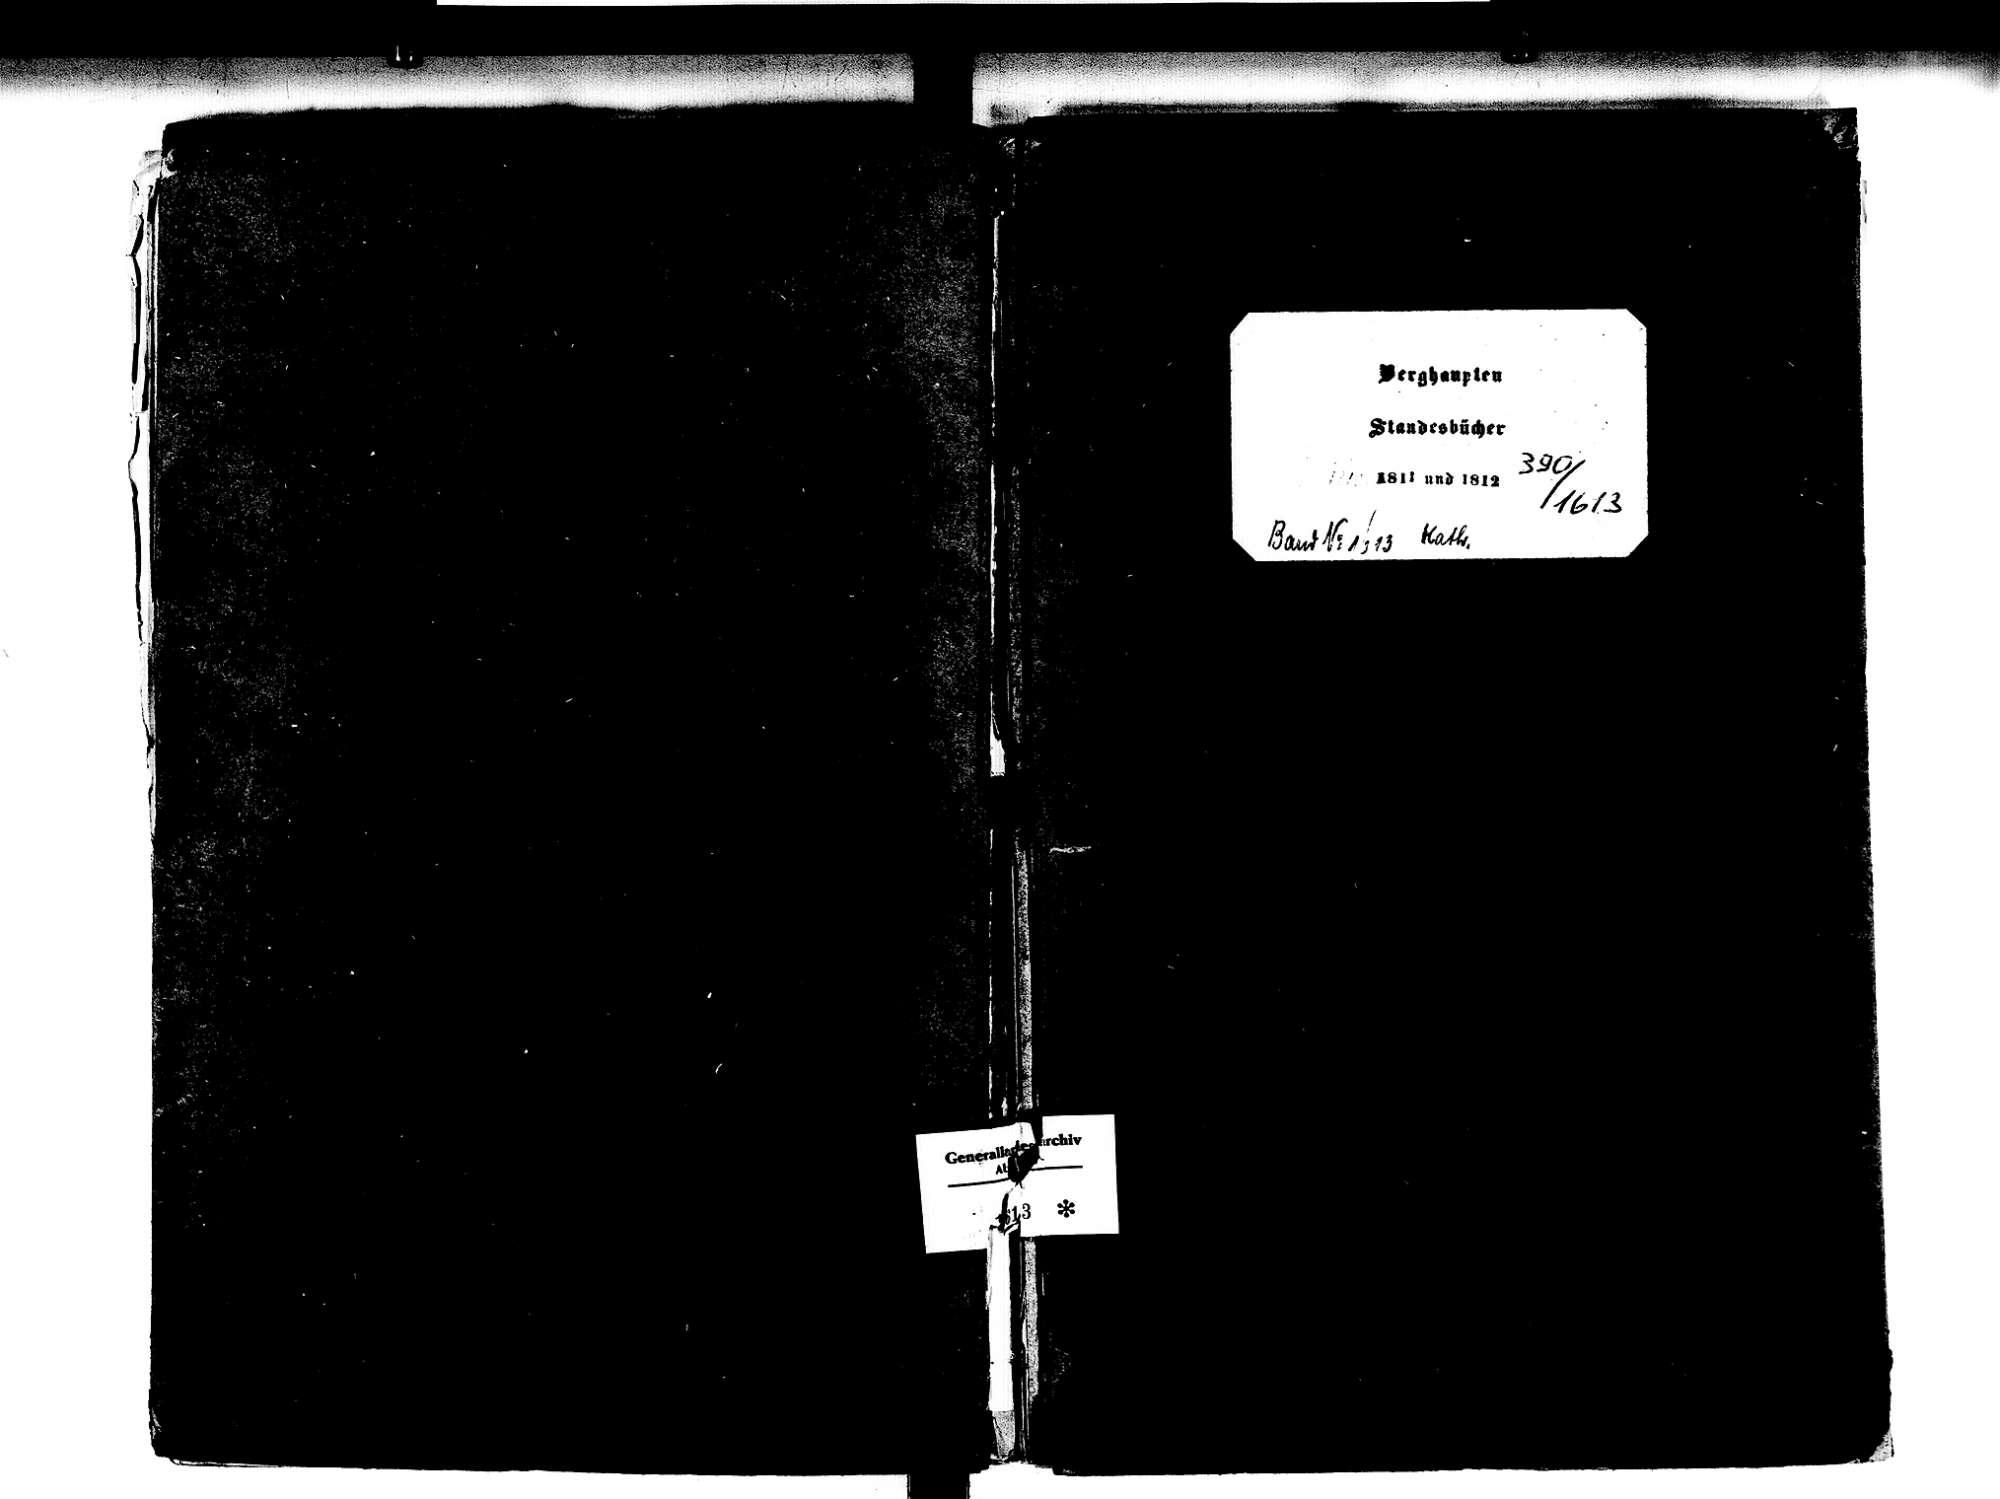 Berghaupten OG; Katholische Gemeinde: Standesbuch 1810-1812 Enthält: Einzelne Evangelische Einträge, Bild 1